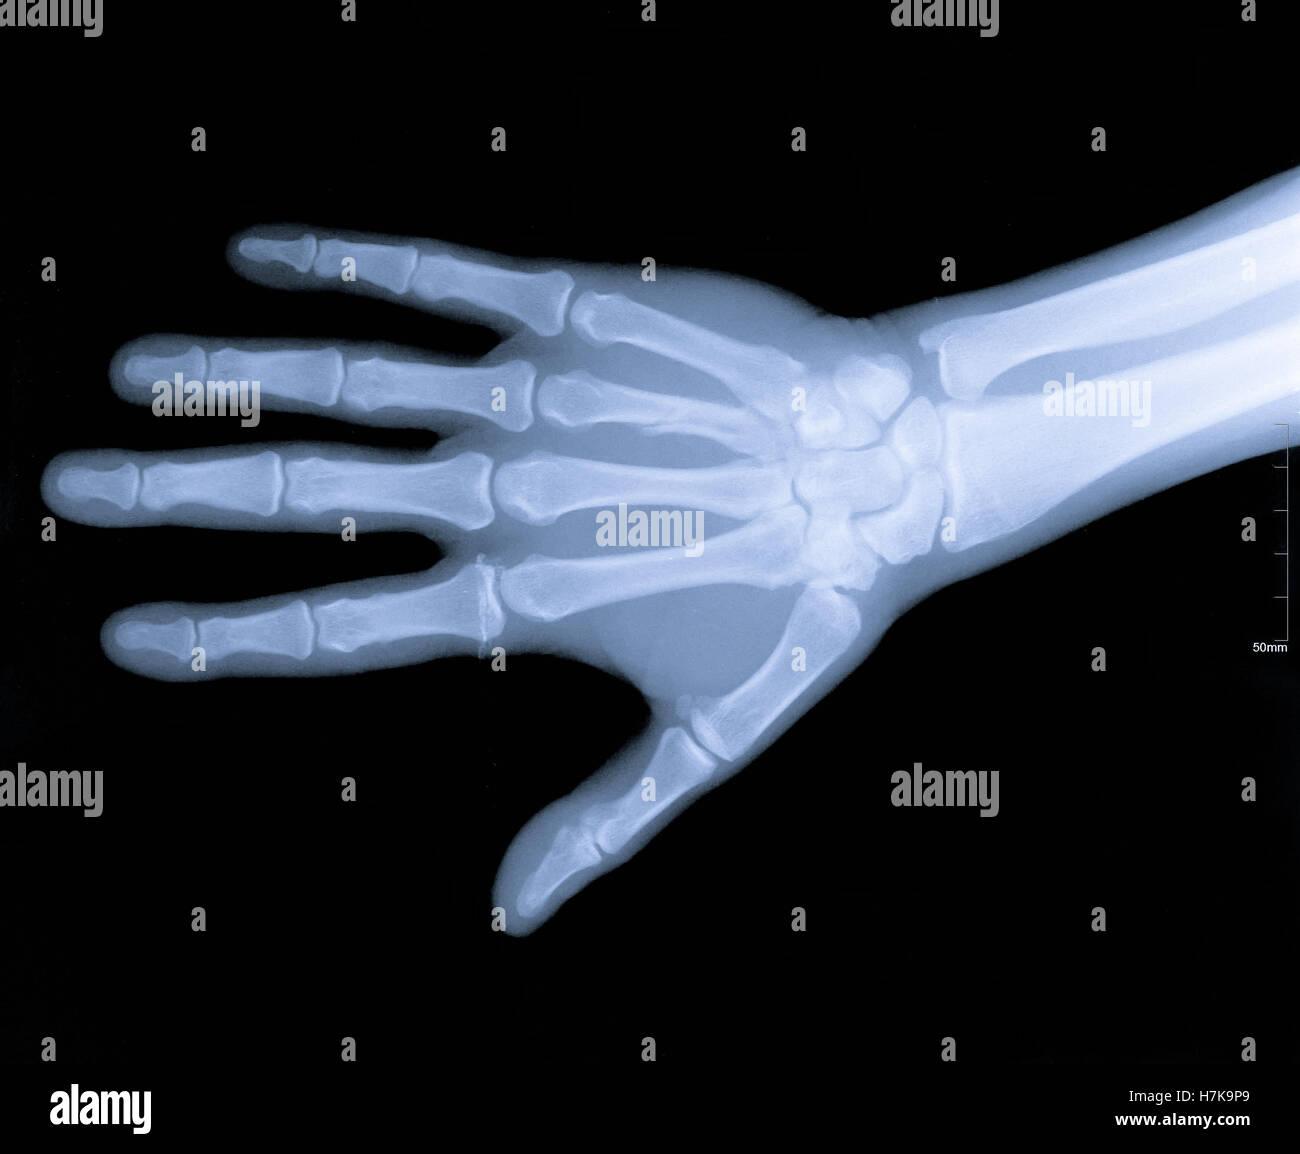 Xray image of human arms - Stock Image